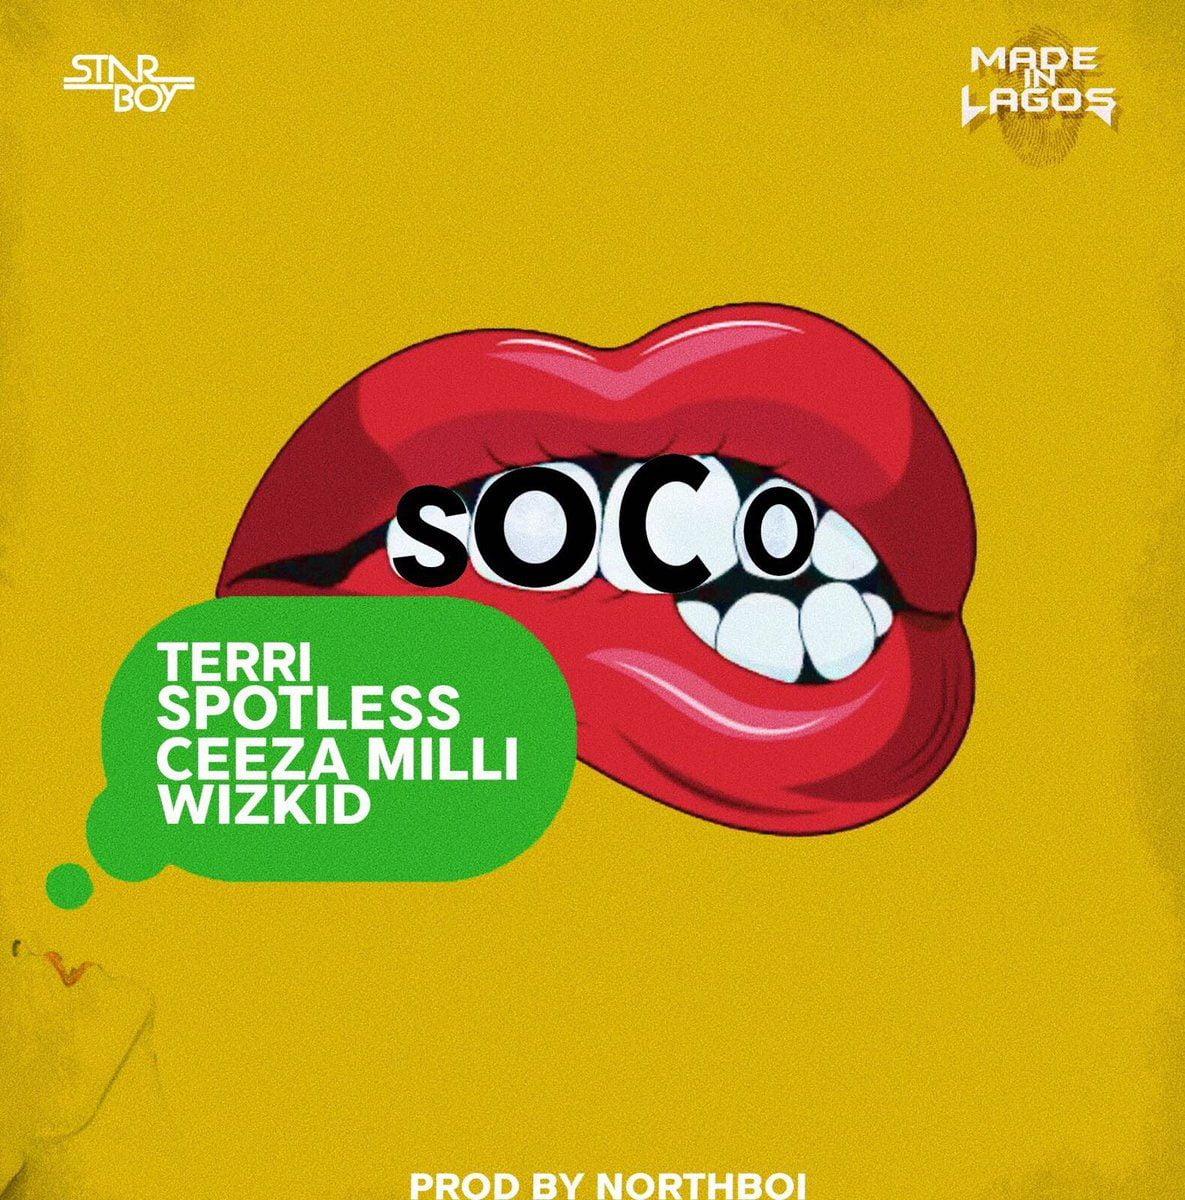 Starboy Music Feat  WizKid, Terri, Ceeza Milli & Spotless